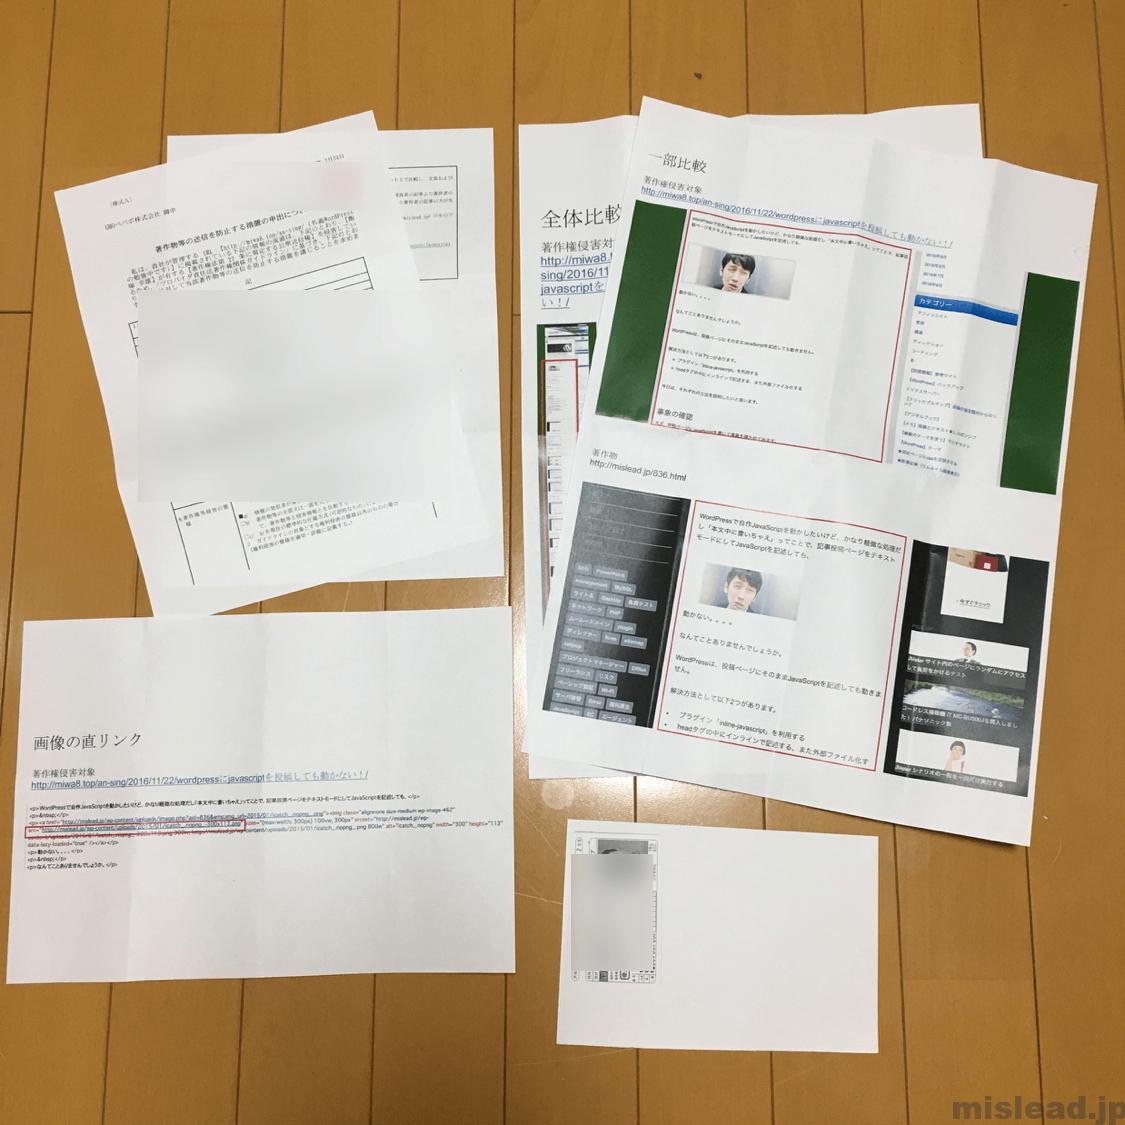 プロバイダ責任制限法 著作権関係書式